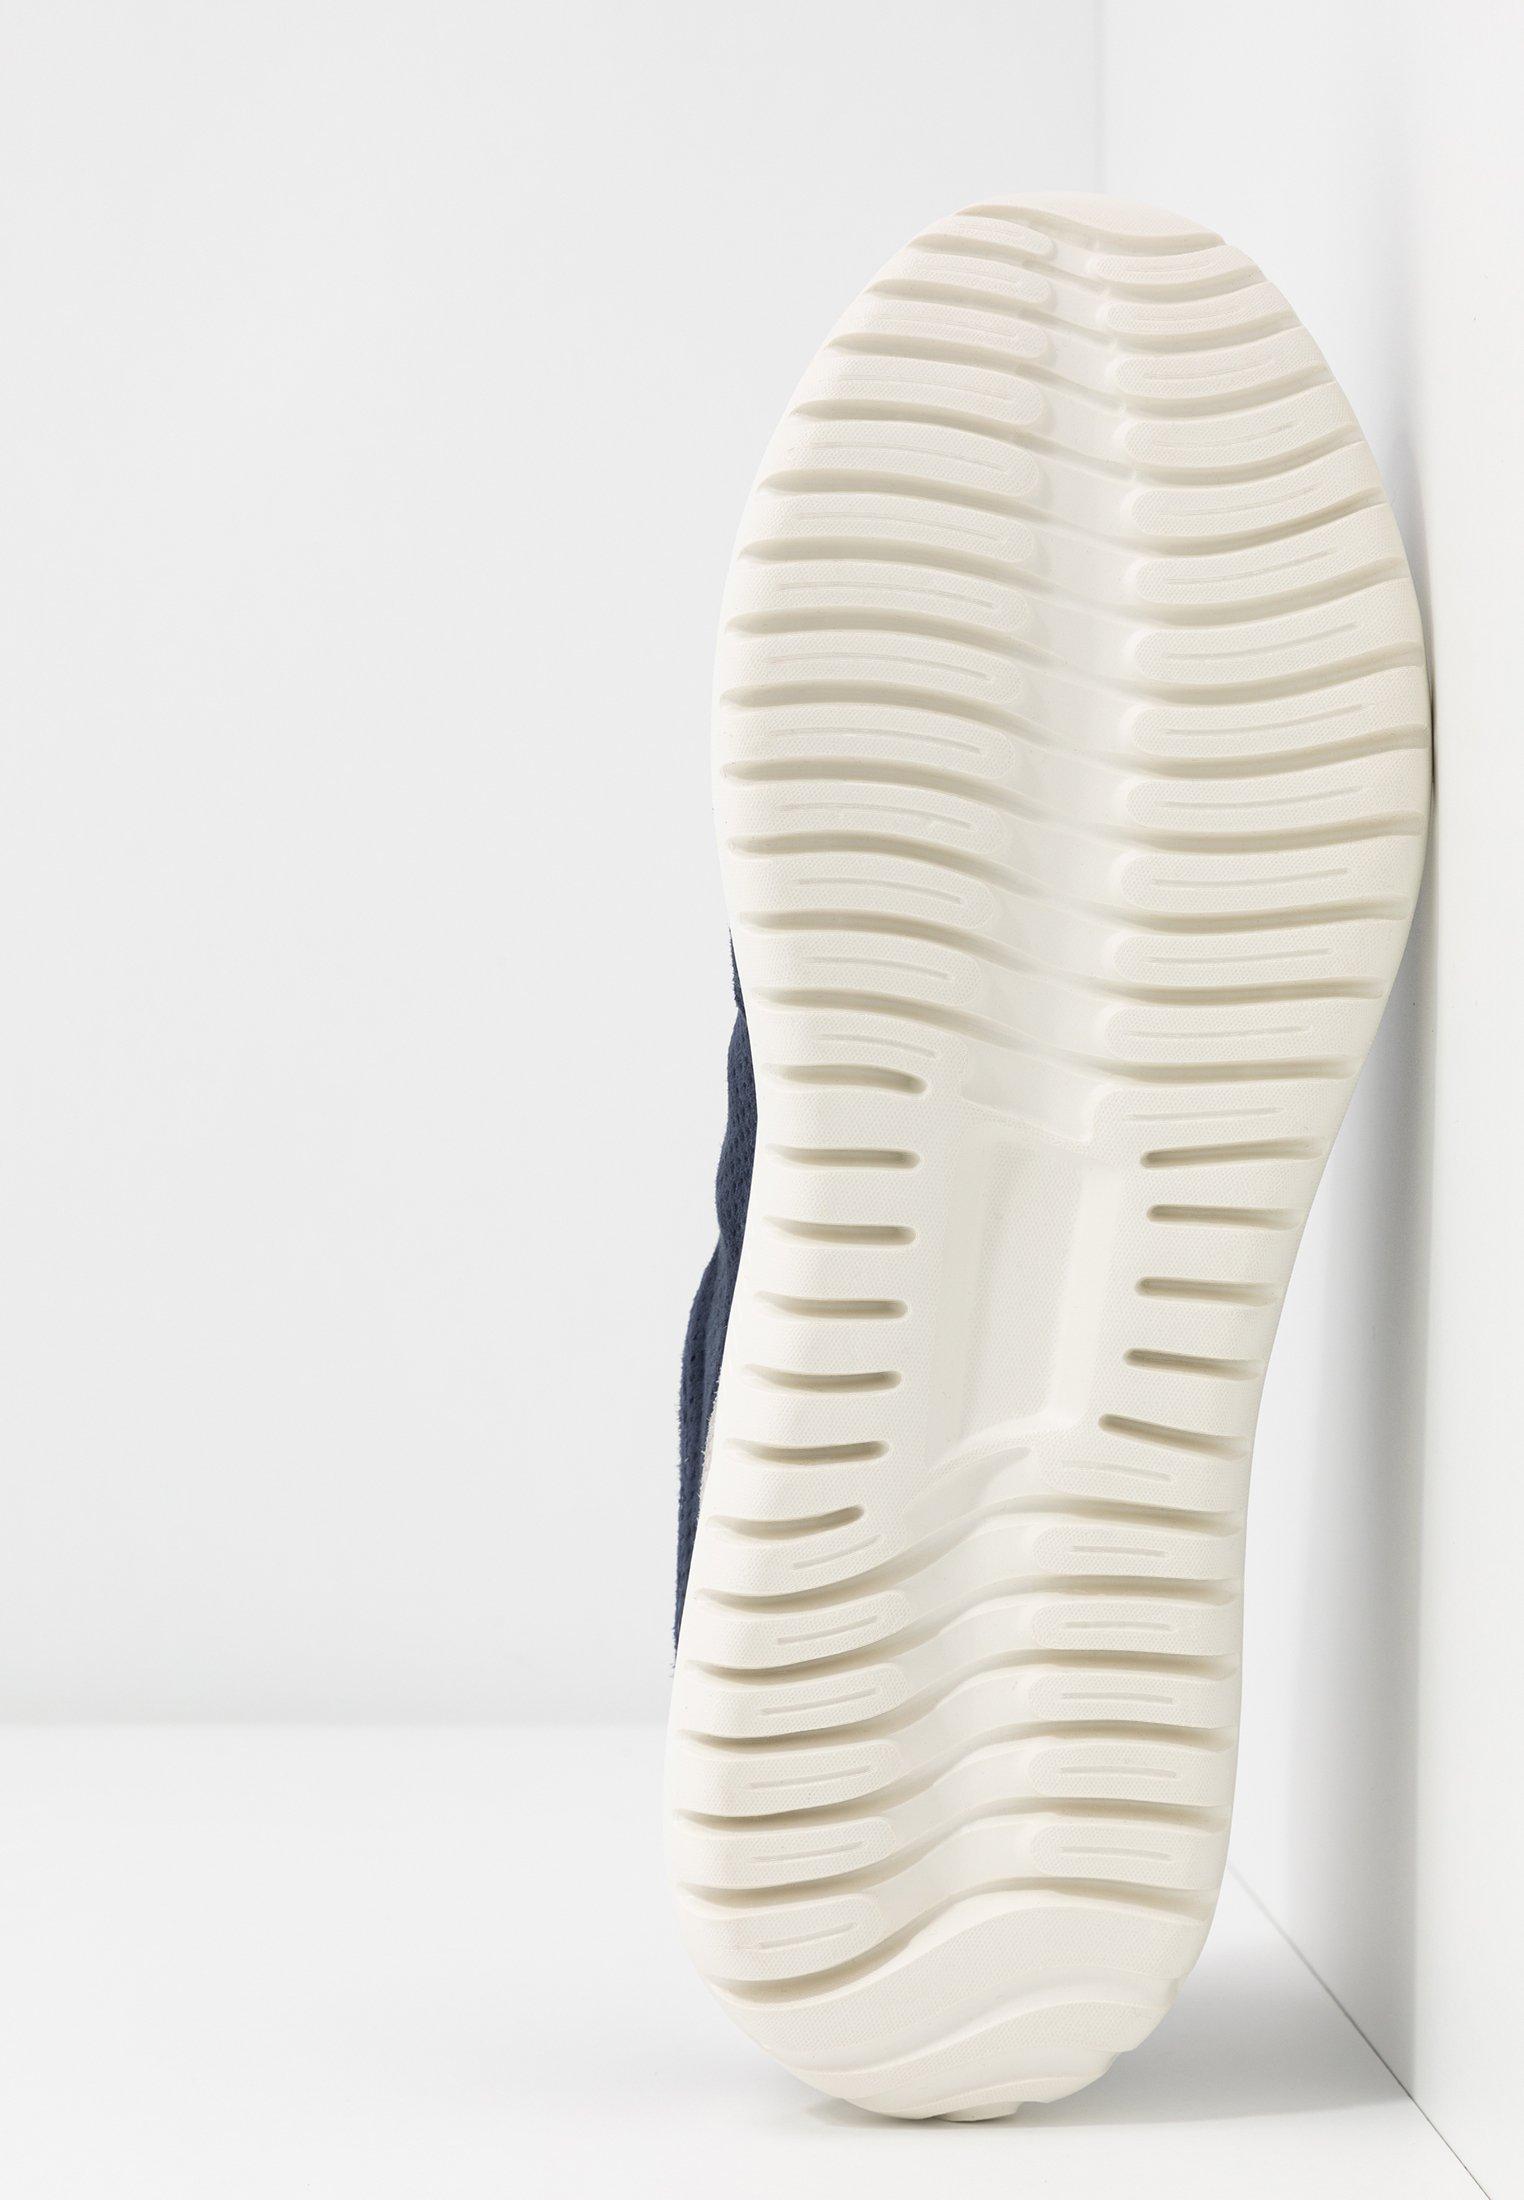 Caprice WIDE FIT - Baskets basses - ocean - Sneakers femme Qualité